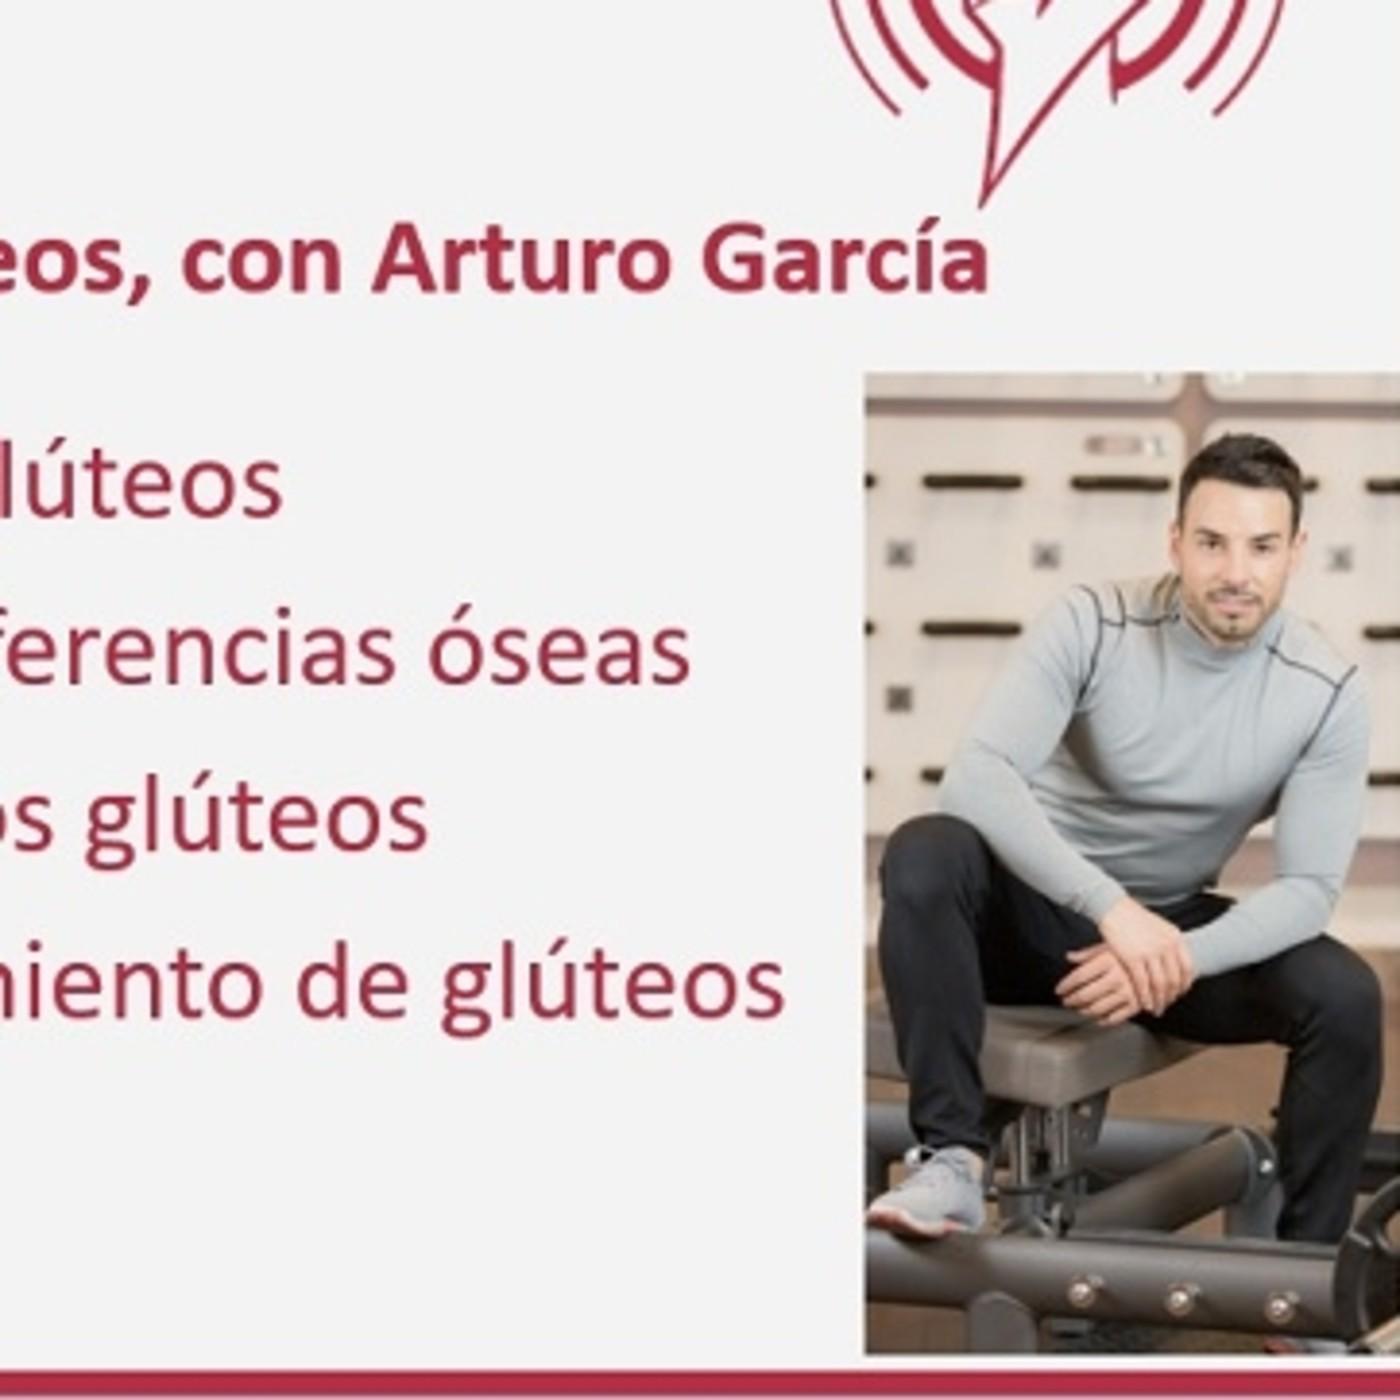 235: Claves para Mejorar los Glúteos, con Arturo García